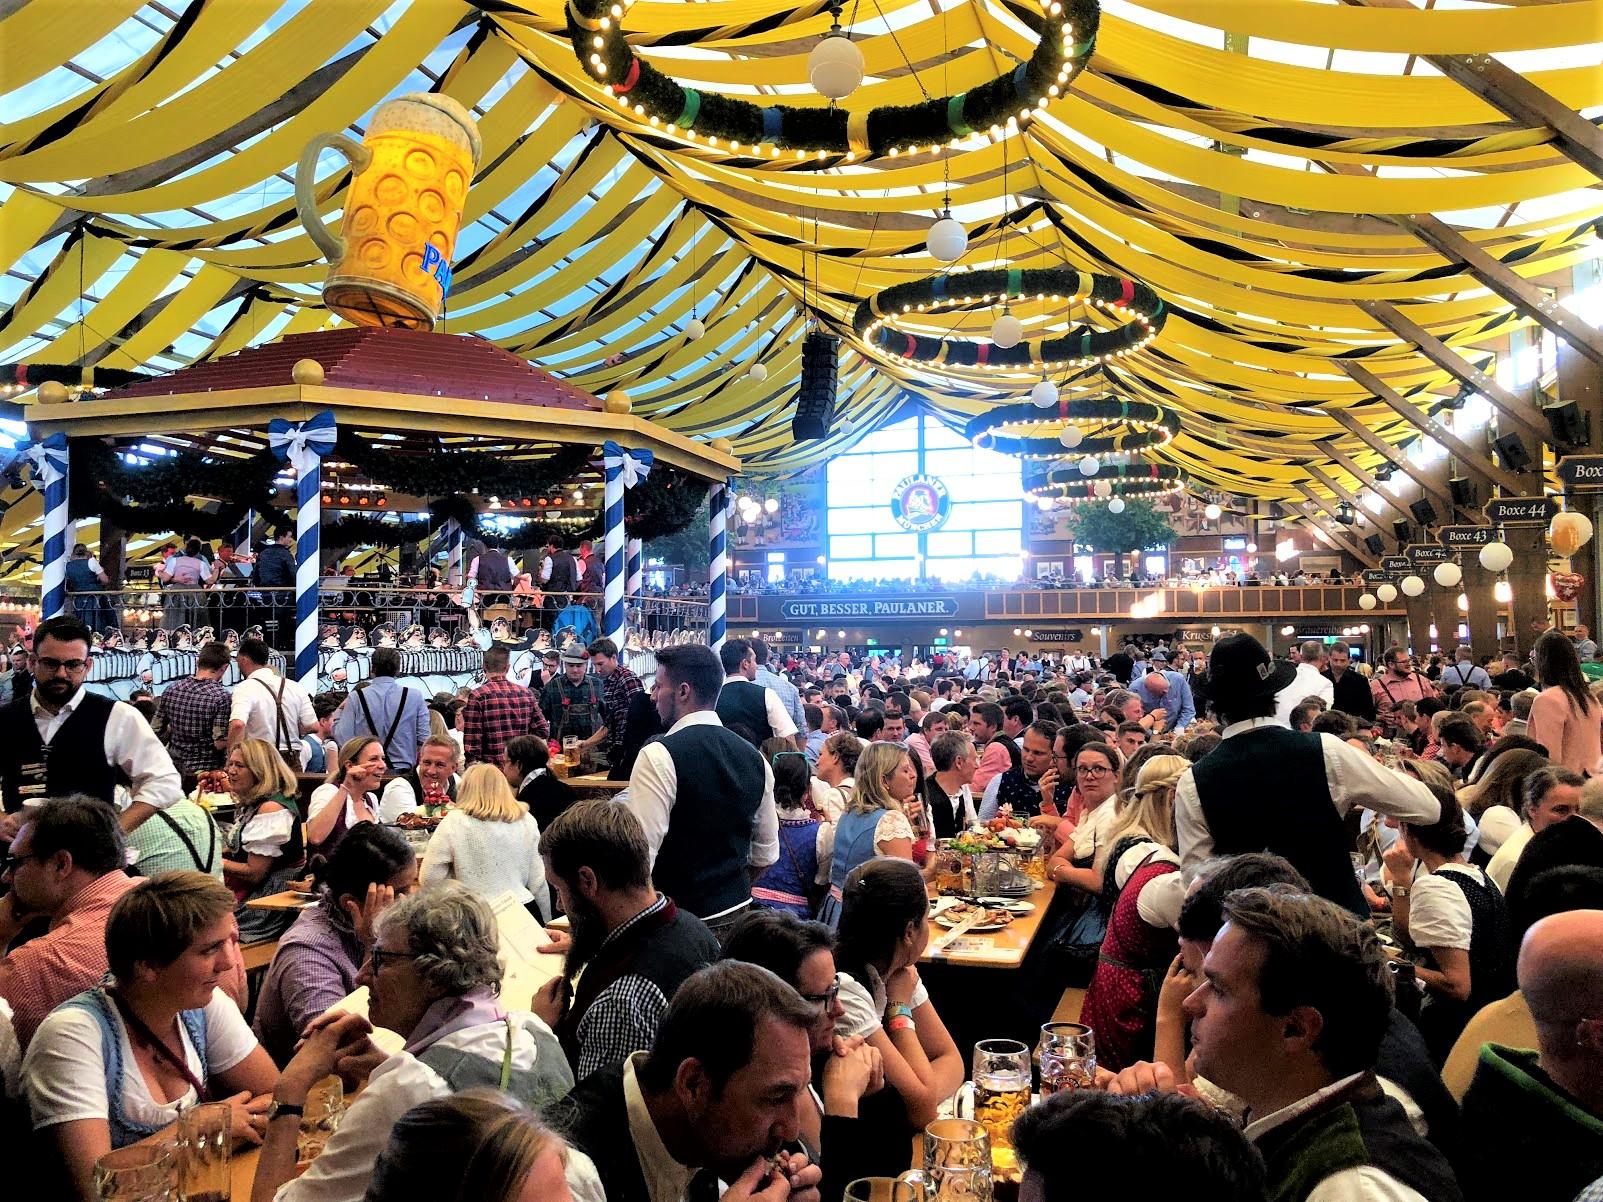 Munich Oktoberfest Paulaner Beer tent